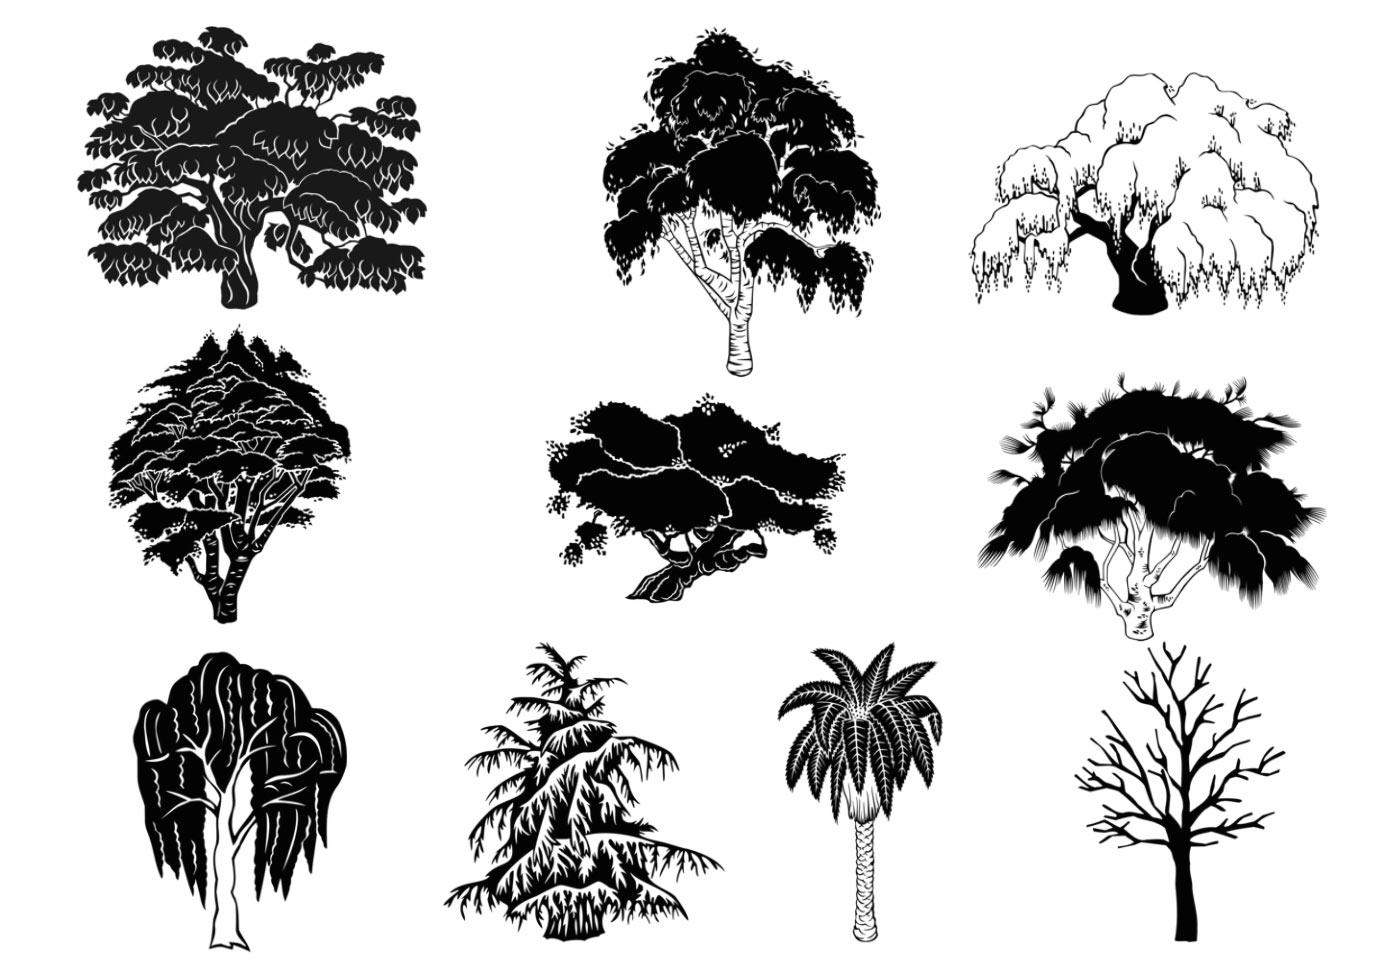 Tree Free Brushes 766 Free Downloads